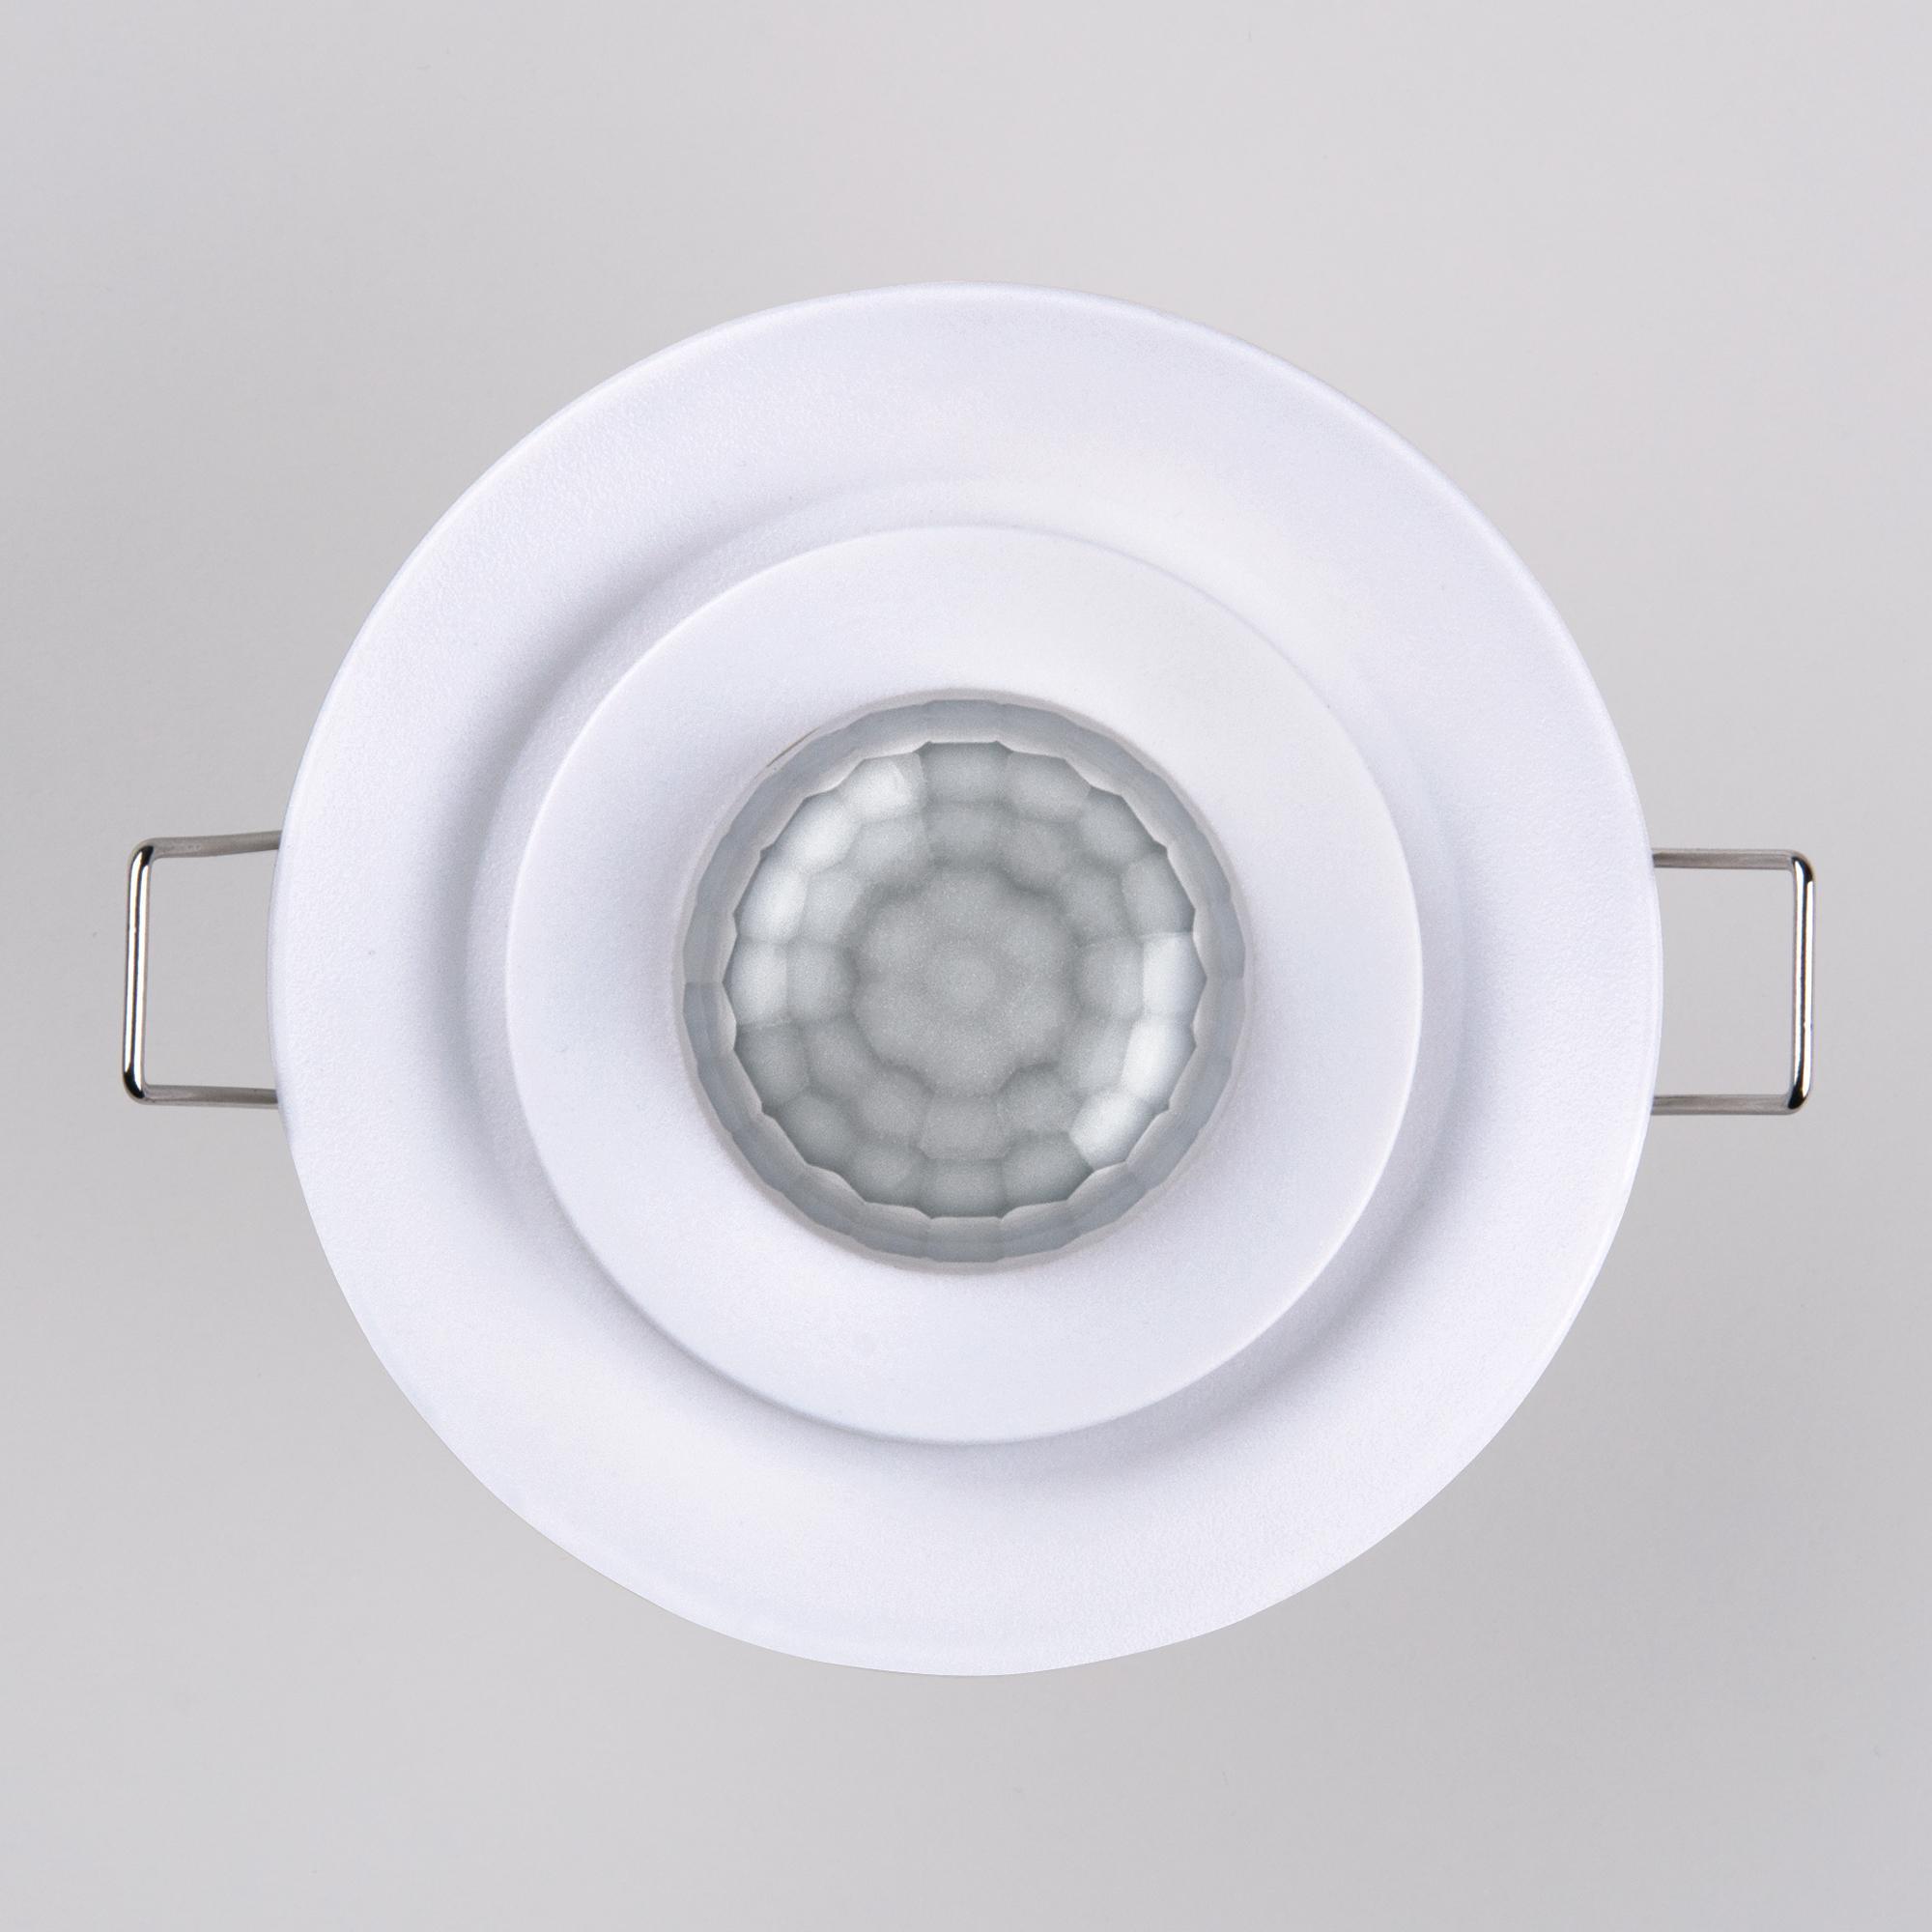 SNS-M-12 8m 2,2-4m 800W IP20 360 Белый